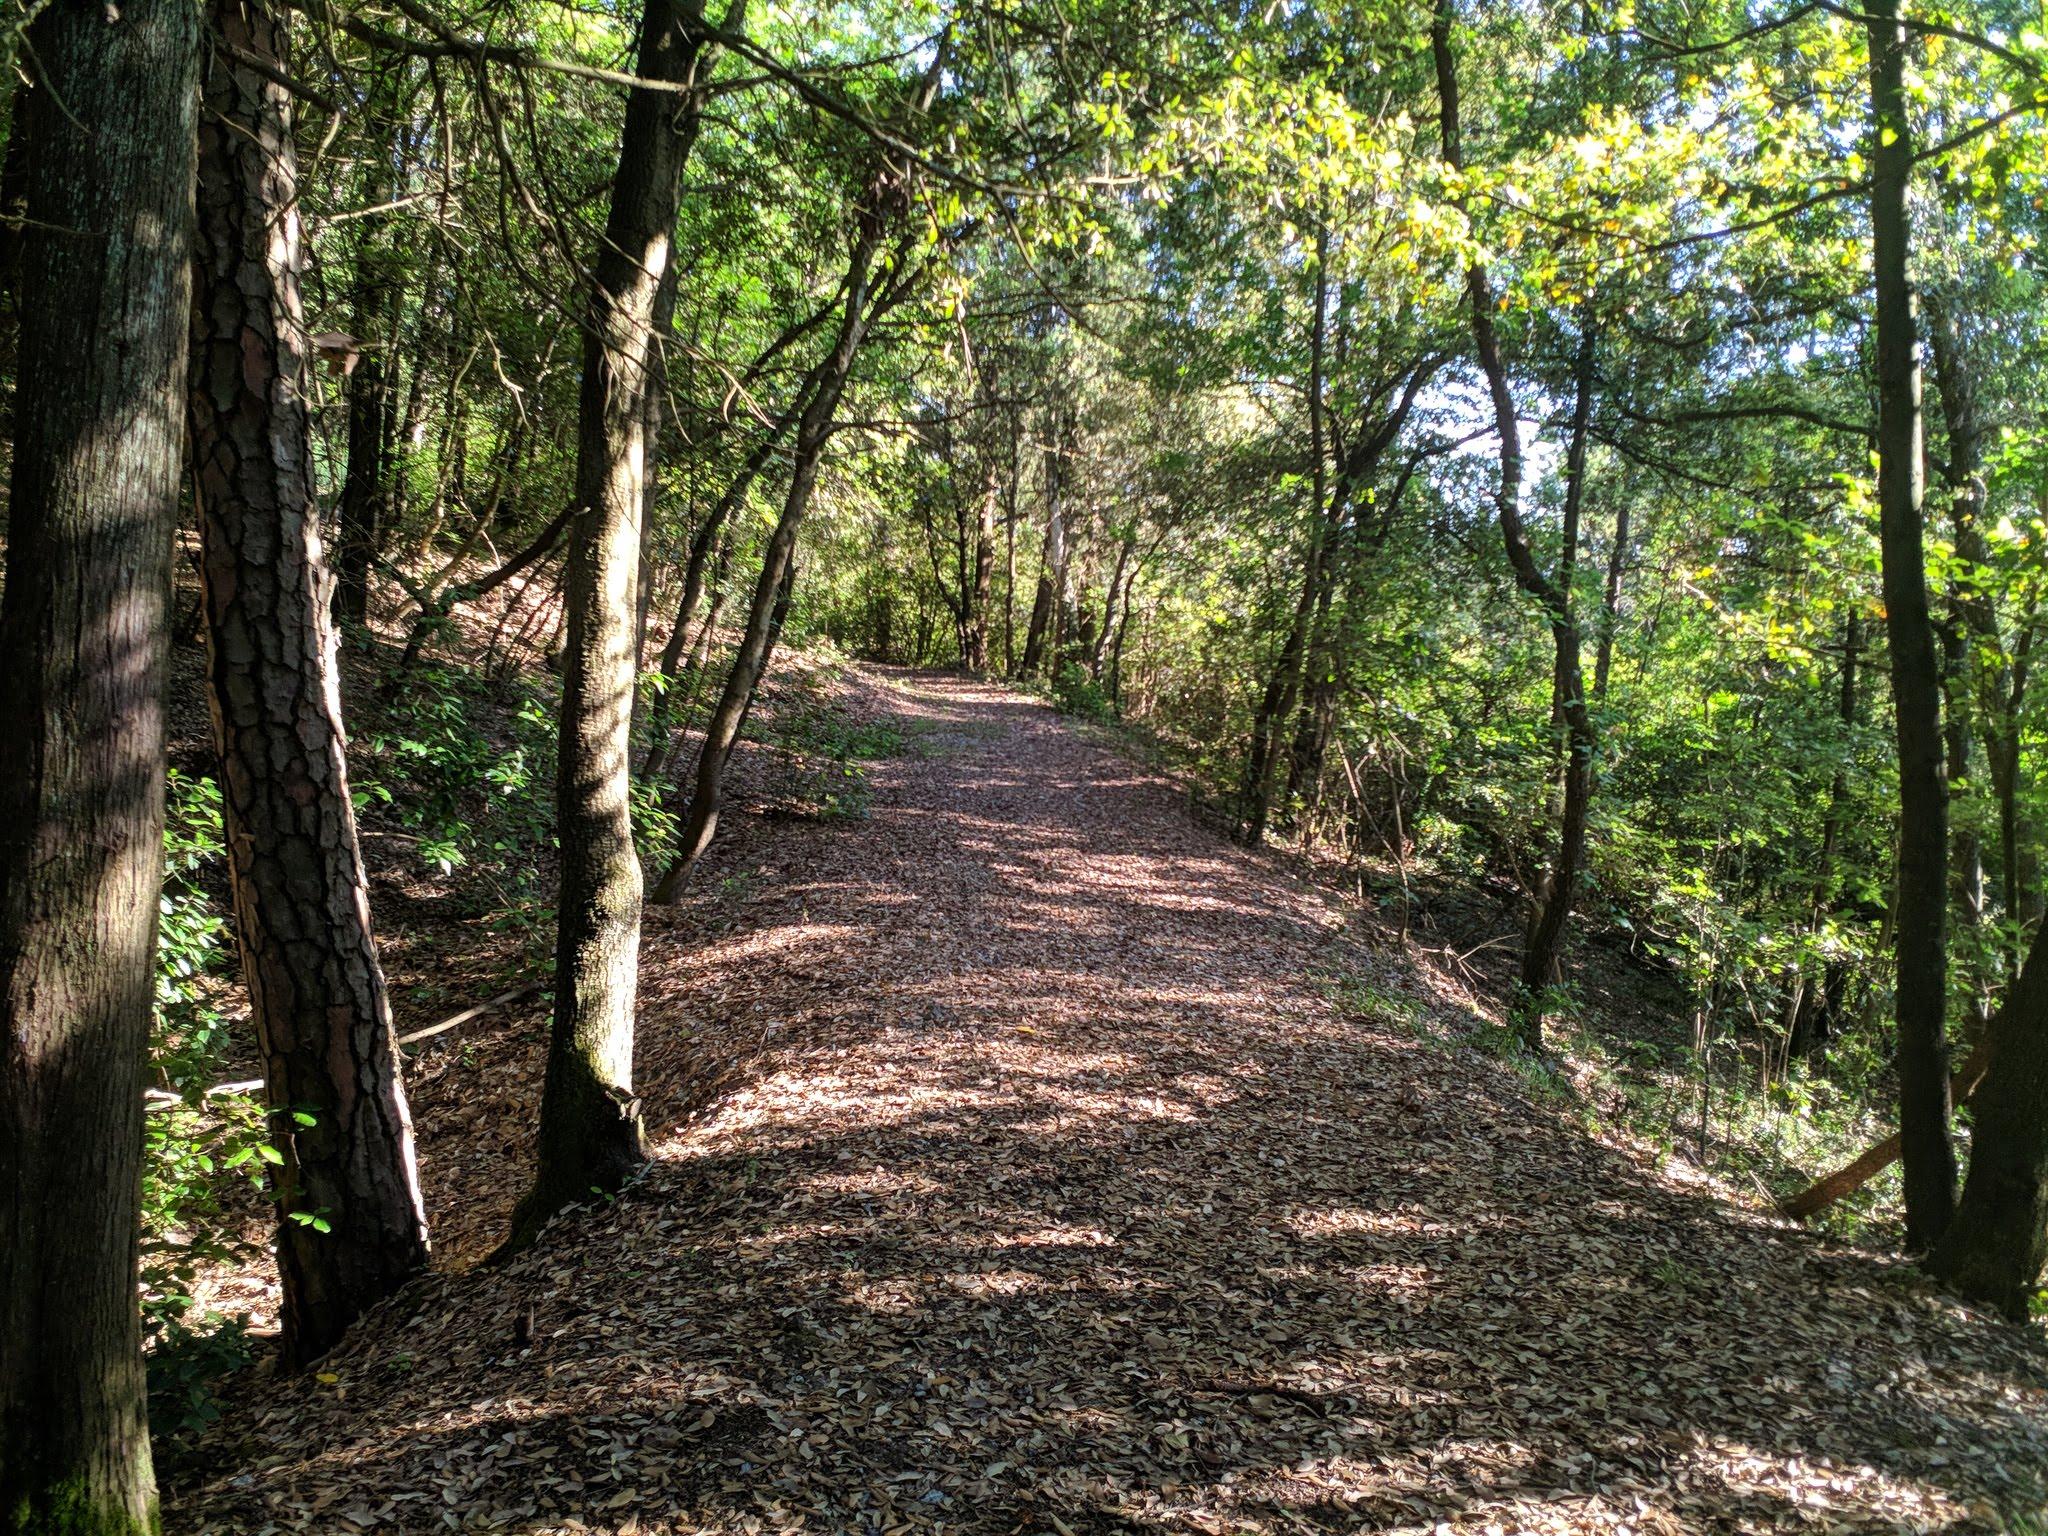 Il parco ha una fitta rete di sentieri immersi nella natura